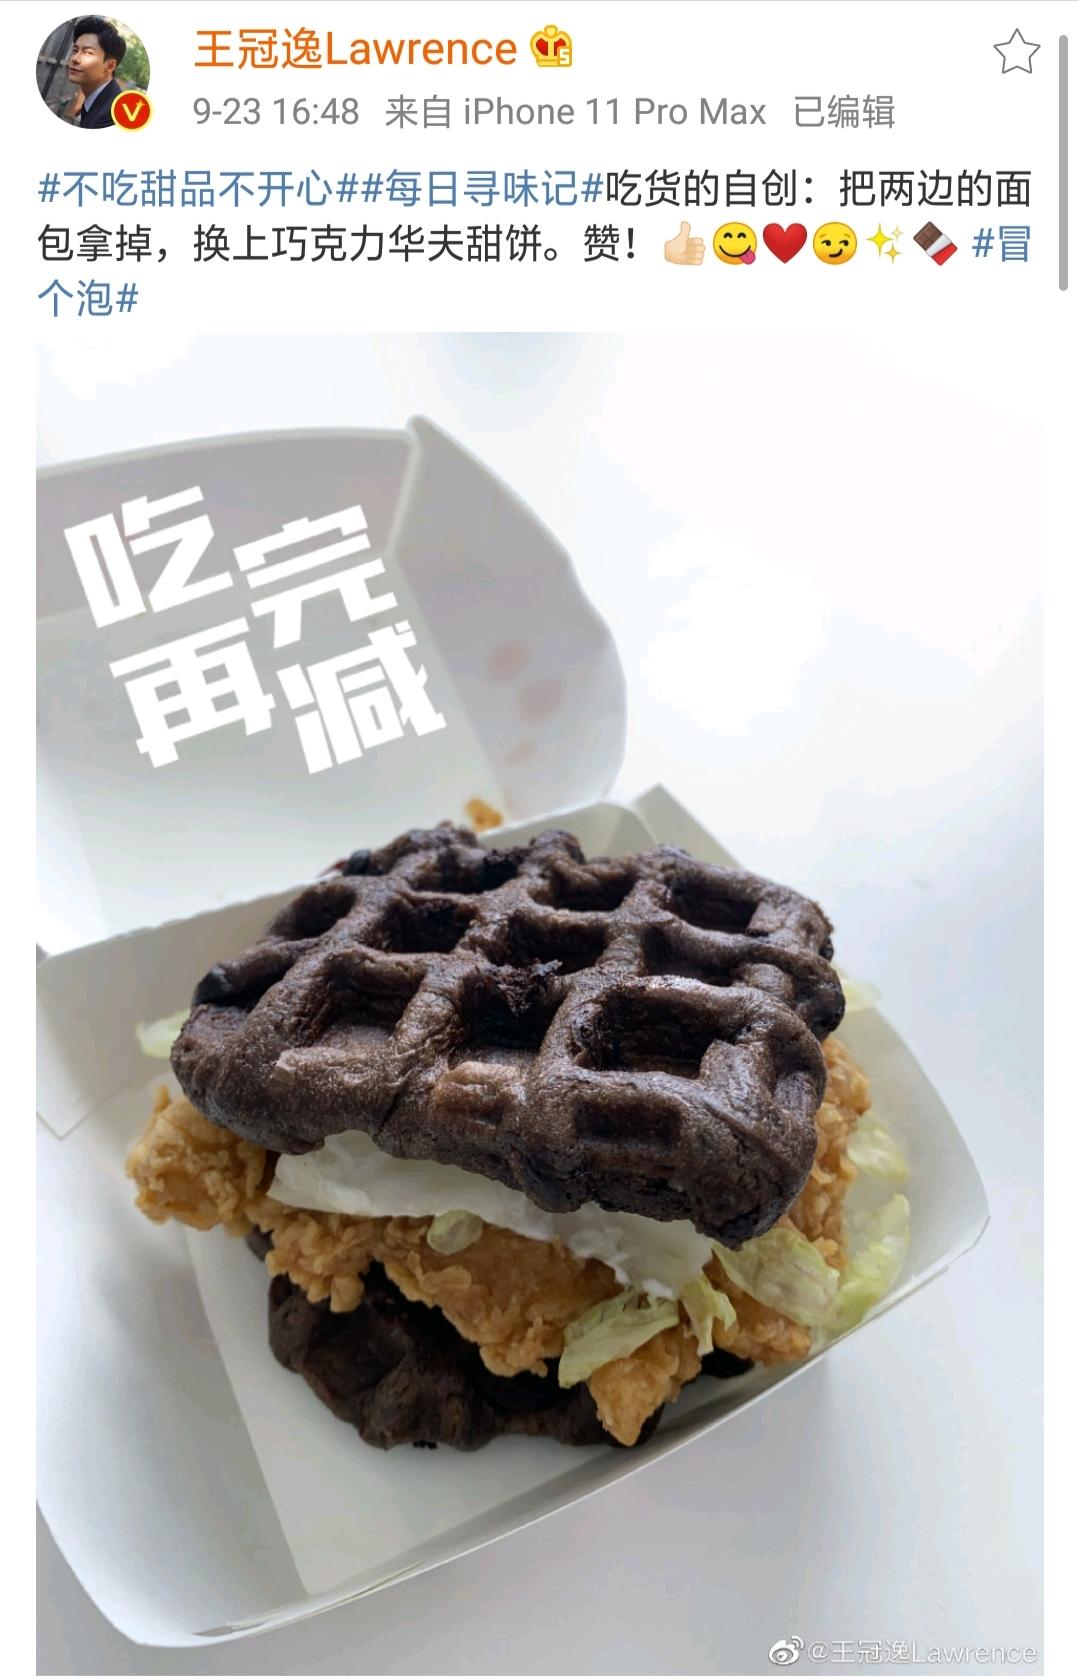 吃货的自创 王冠逸微博晒美食照难抵汉堡诱惑